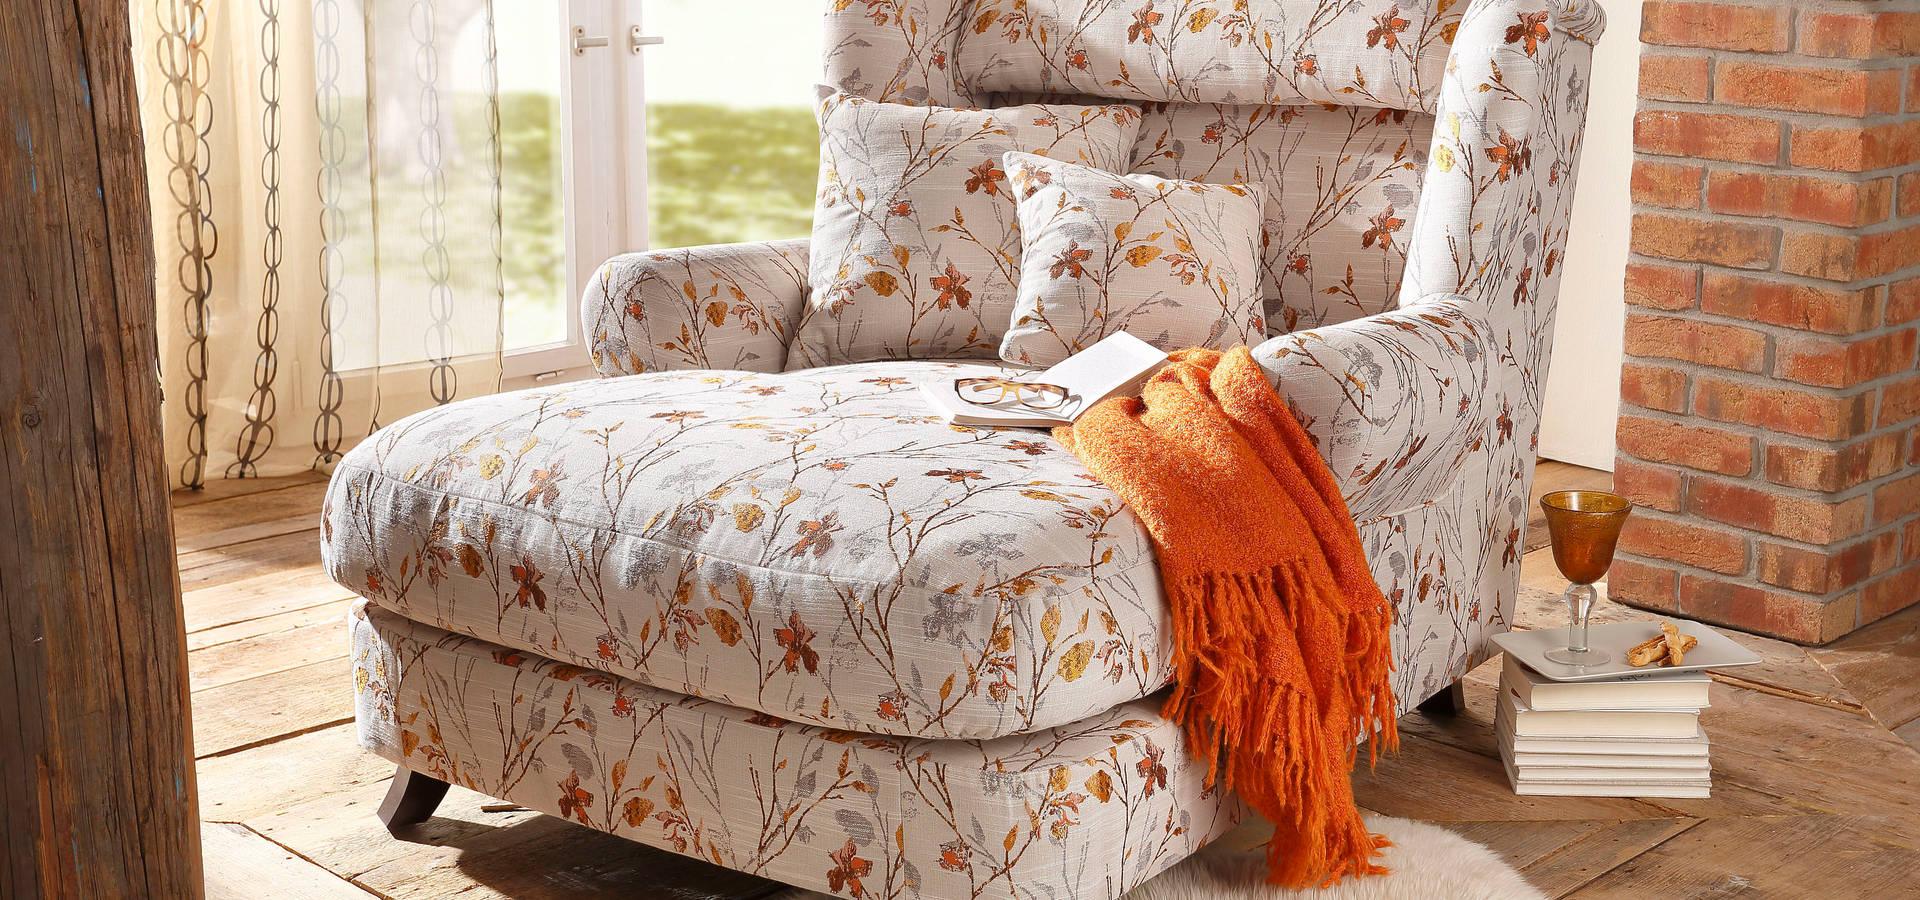 baur versand gmbh co kg burgkunstadt mobilya. Black Bedroom Furniture Sets. Home Design Ideas